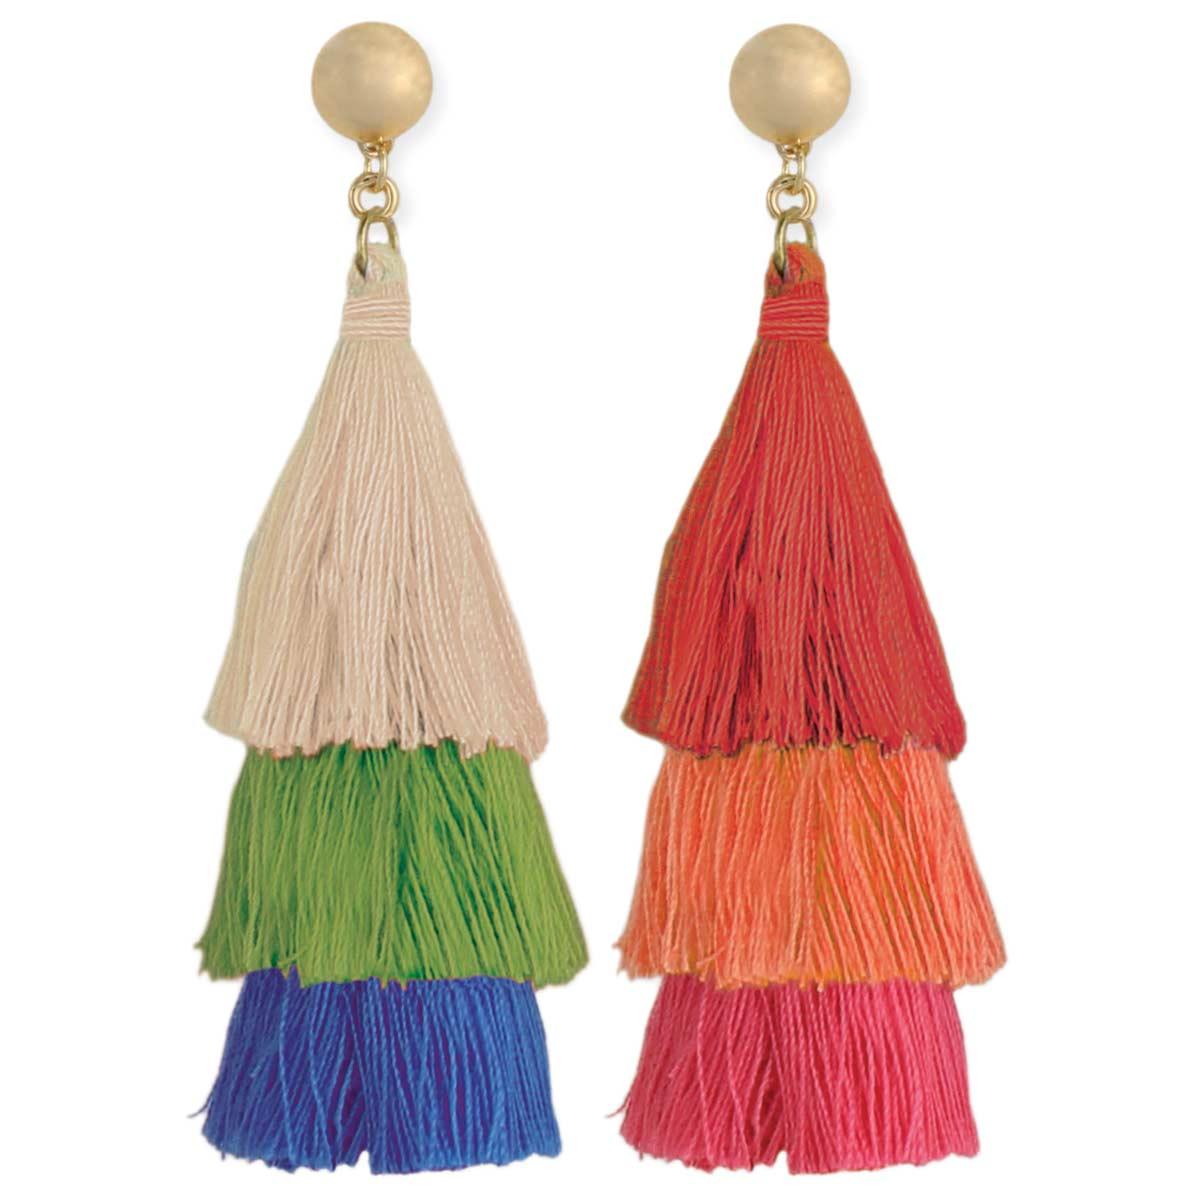 3-Tier Tassel Earrings